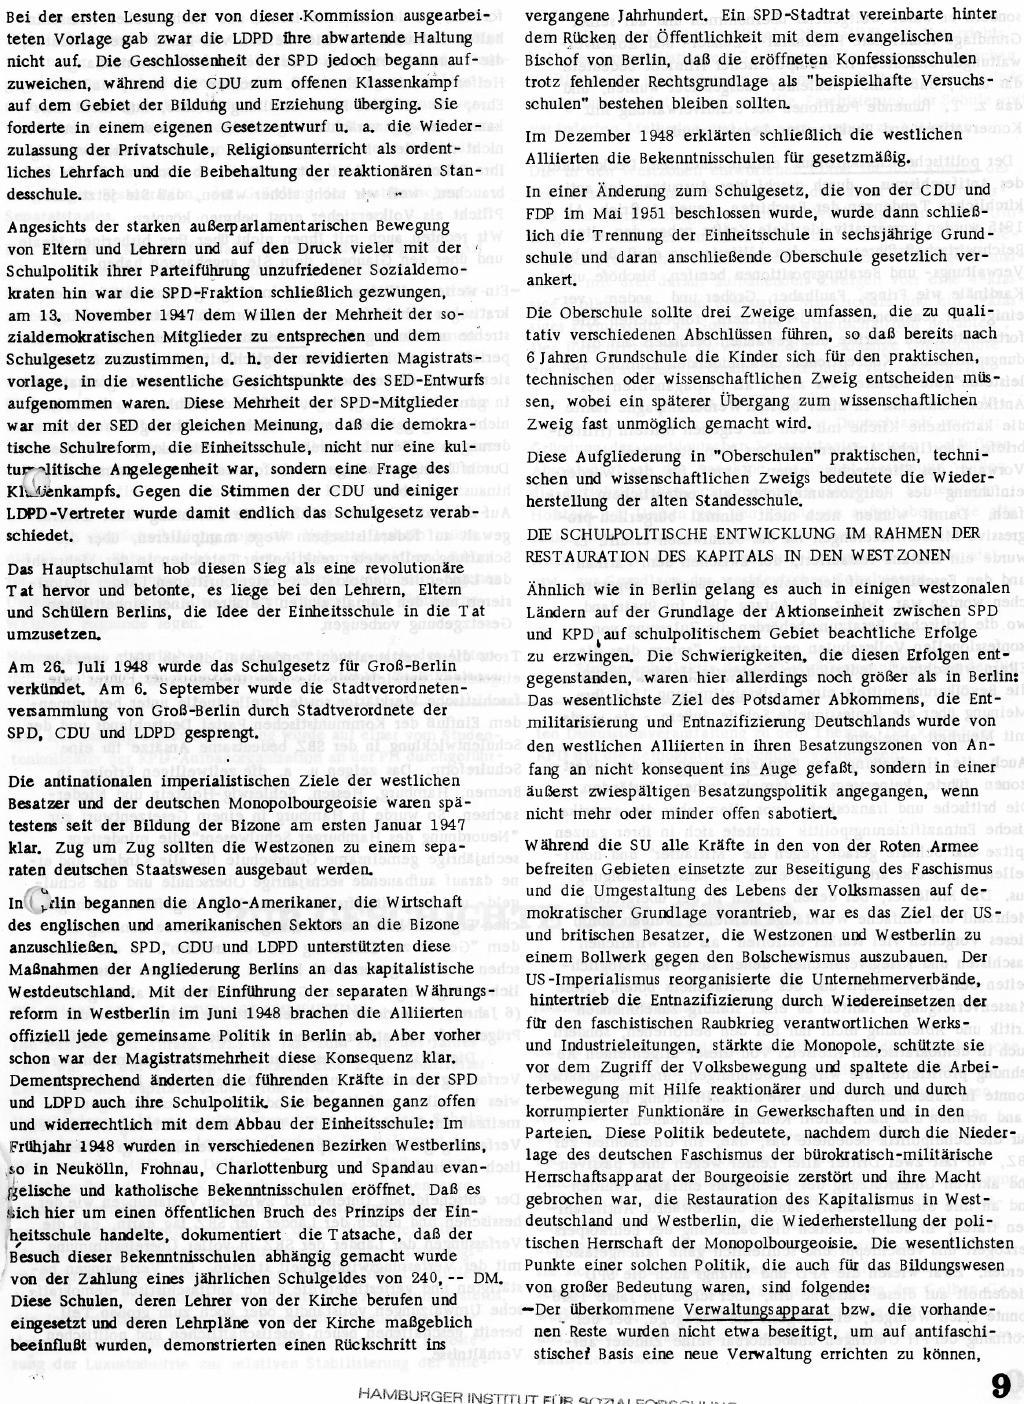 RPK_1971_104_09